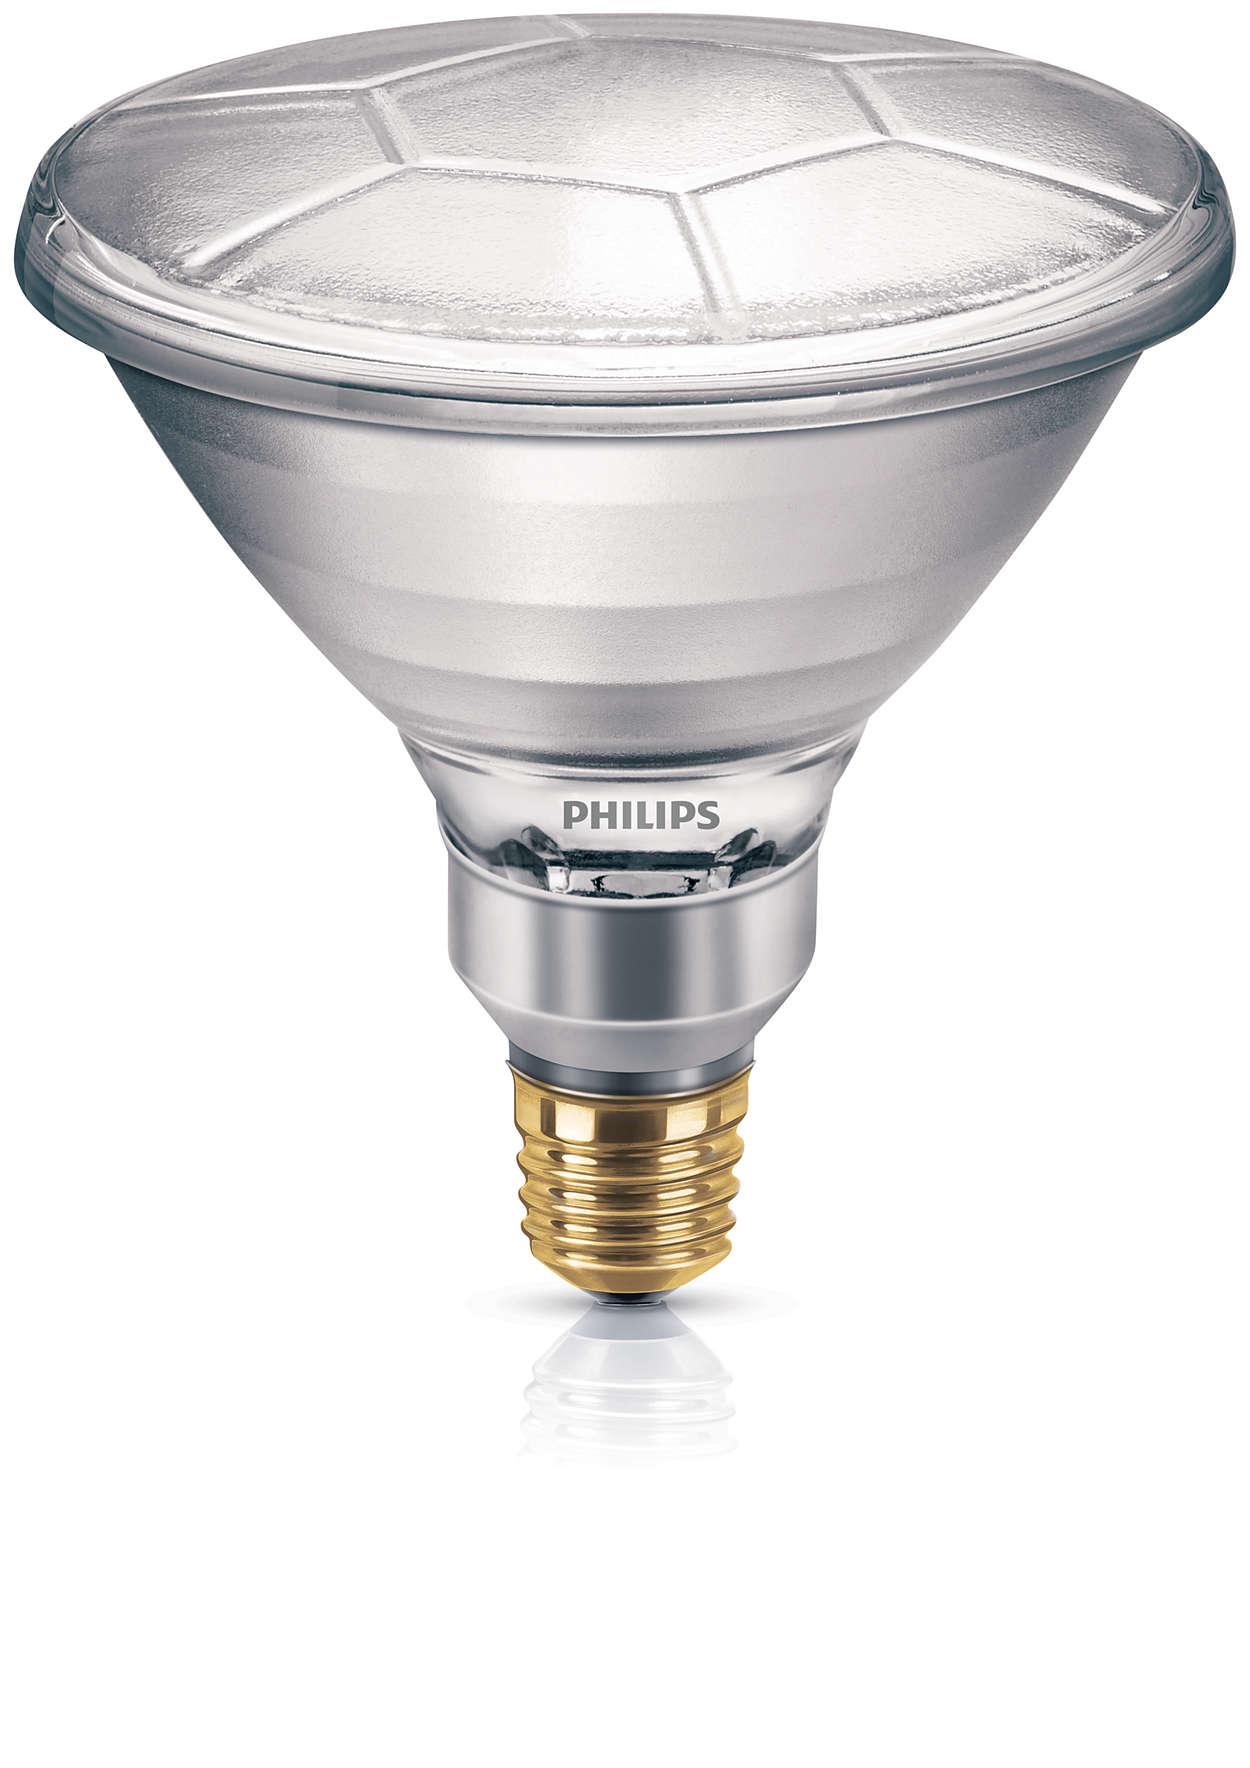 Reflektorlampe mit hoher Intensität